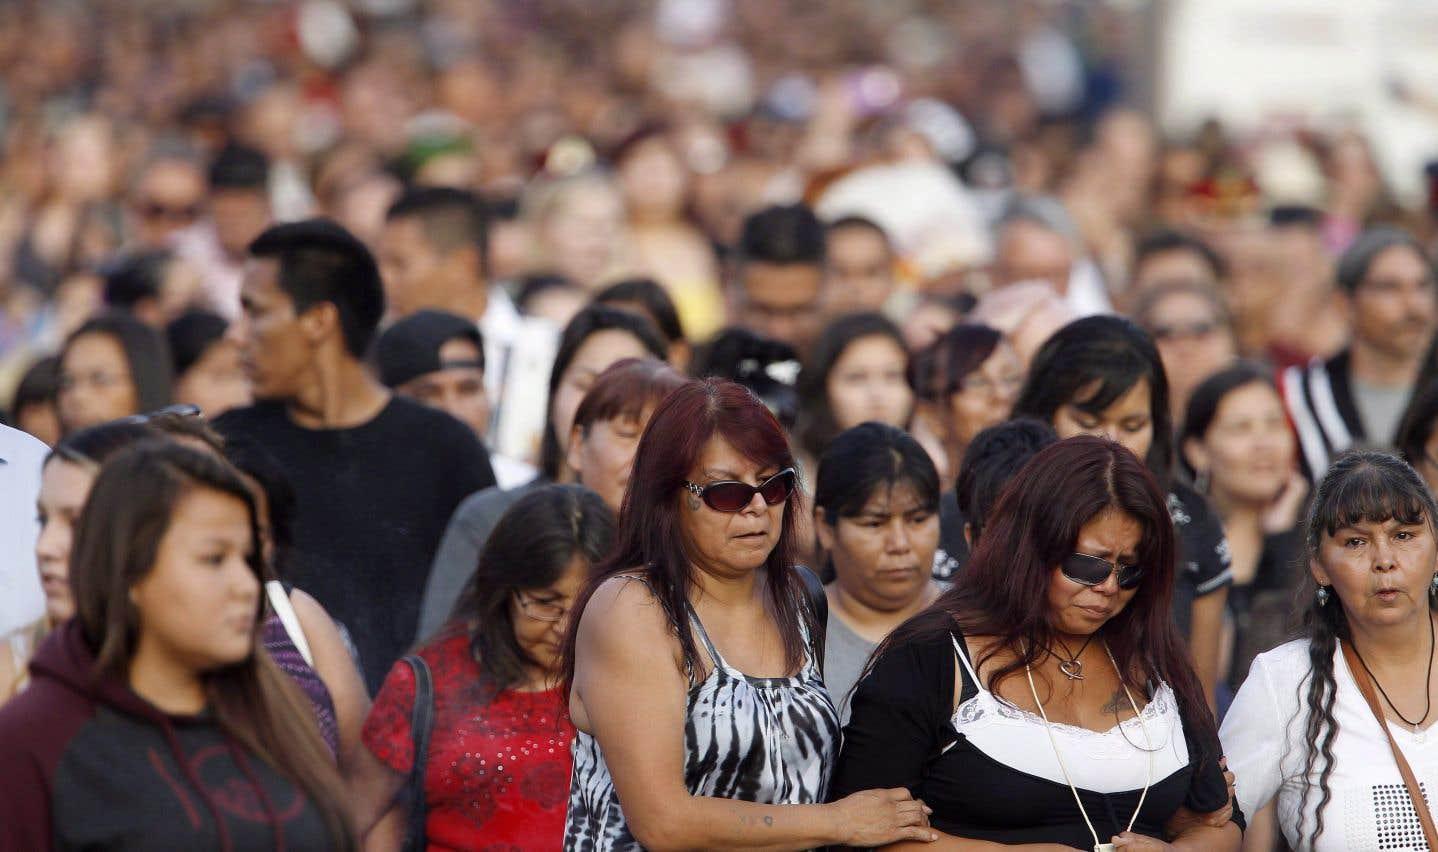 La mère de Tina Fontaine, à droite, lors d'une veillée en hommage à sa fille disparue, à Winnipeg, en août 2014